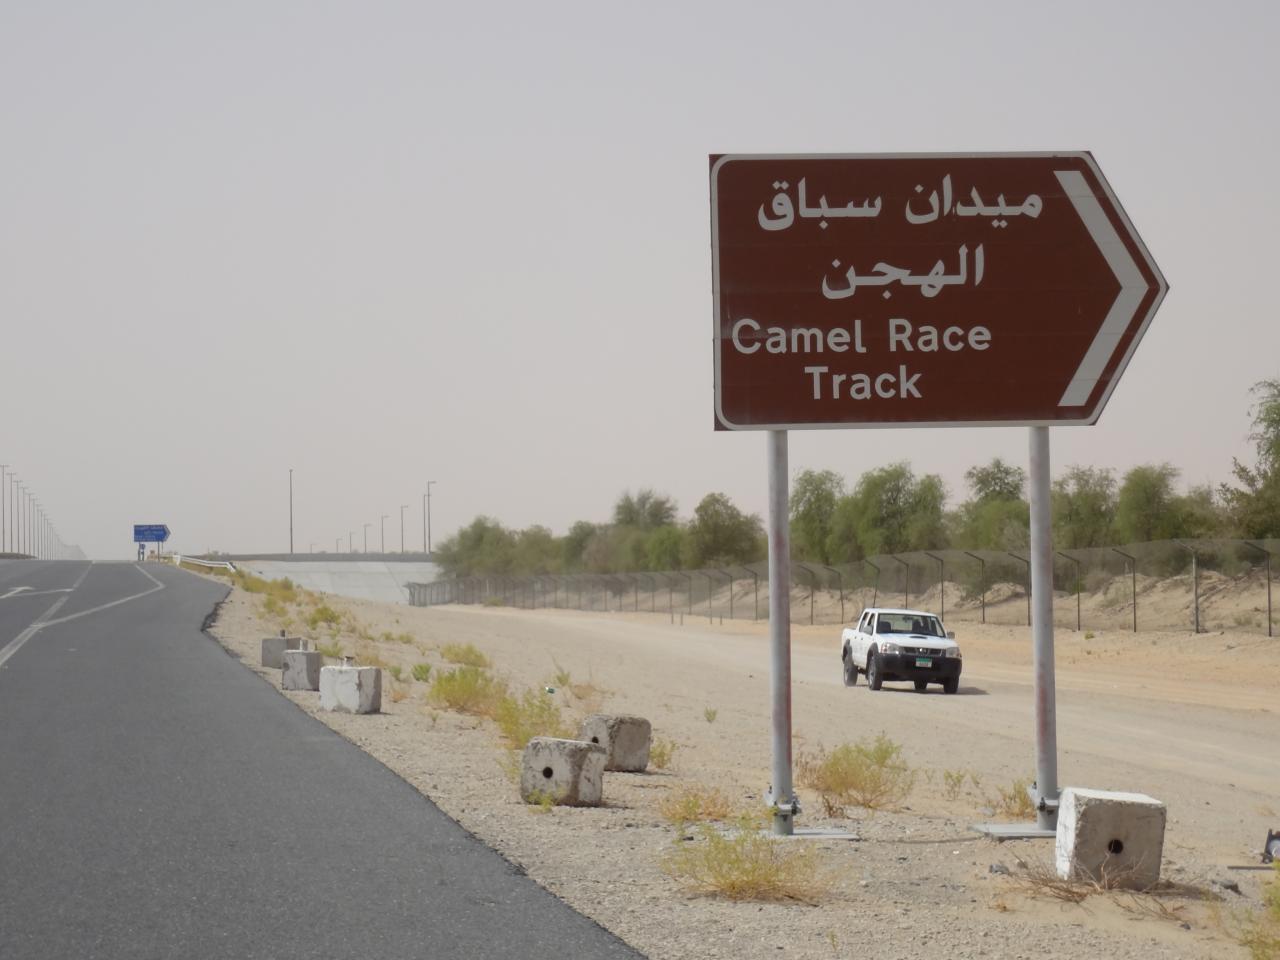 Fotografia de sinal de trânsito nos Emirados Árabes Unidos